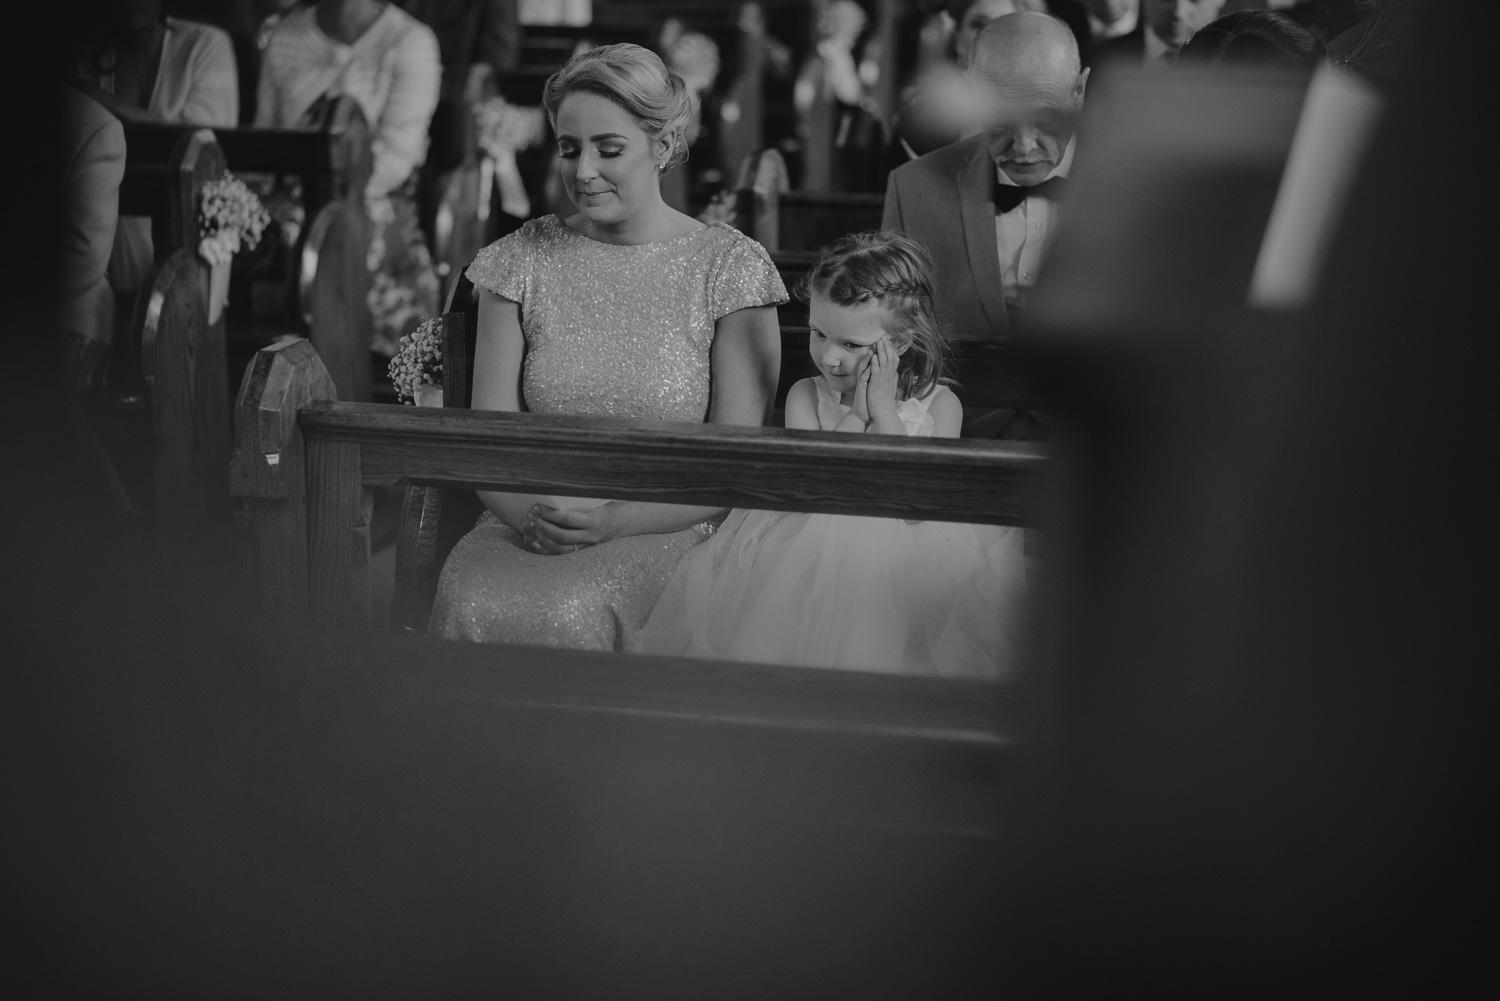 Best-wedding-photographer-northern-ireland-18.jpg